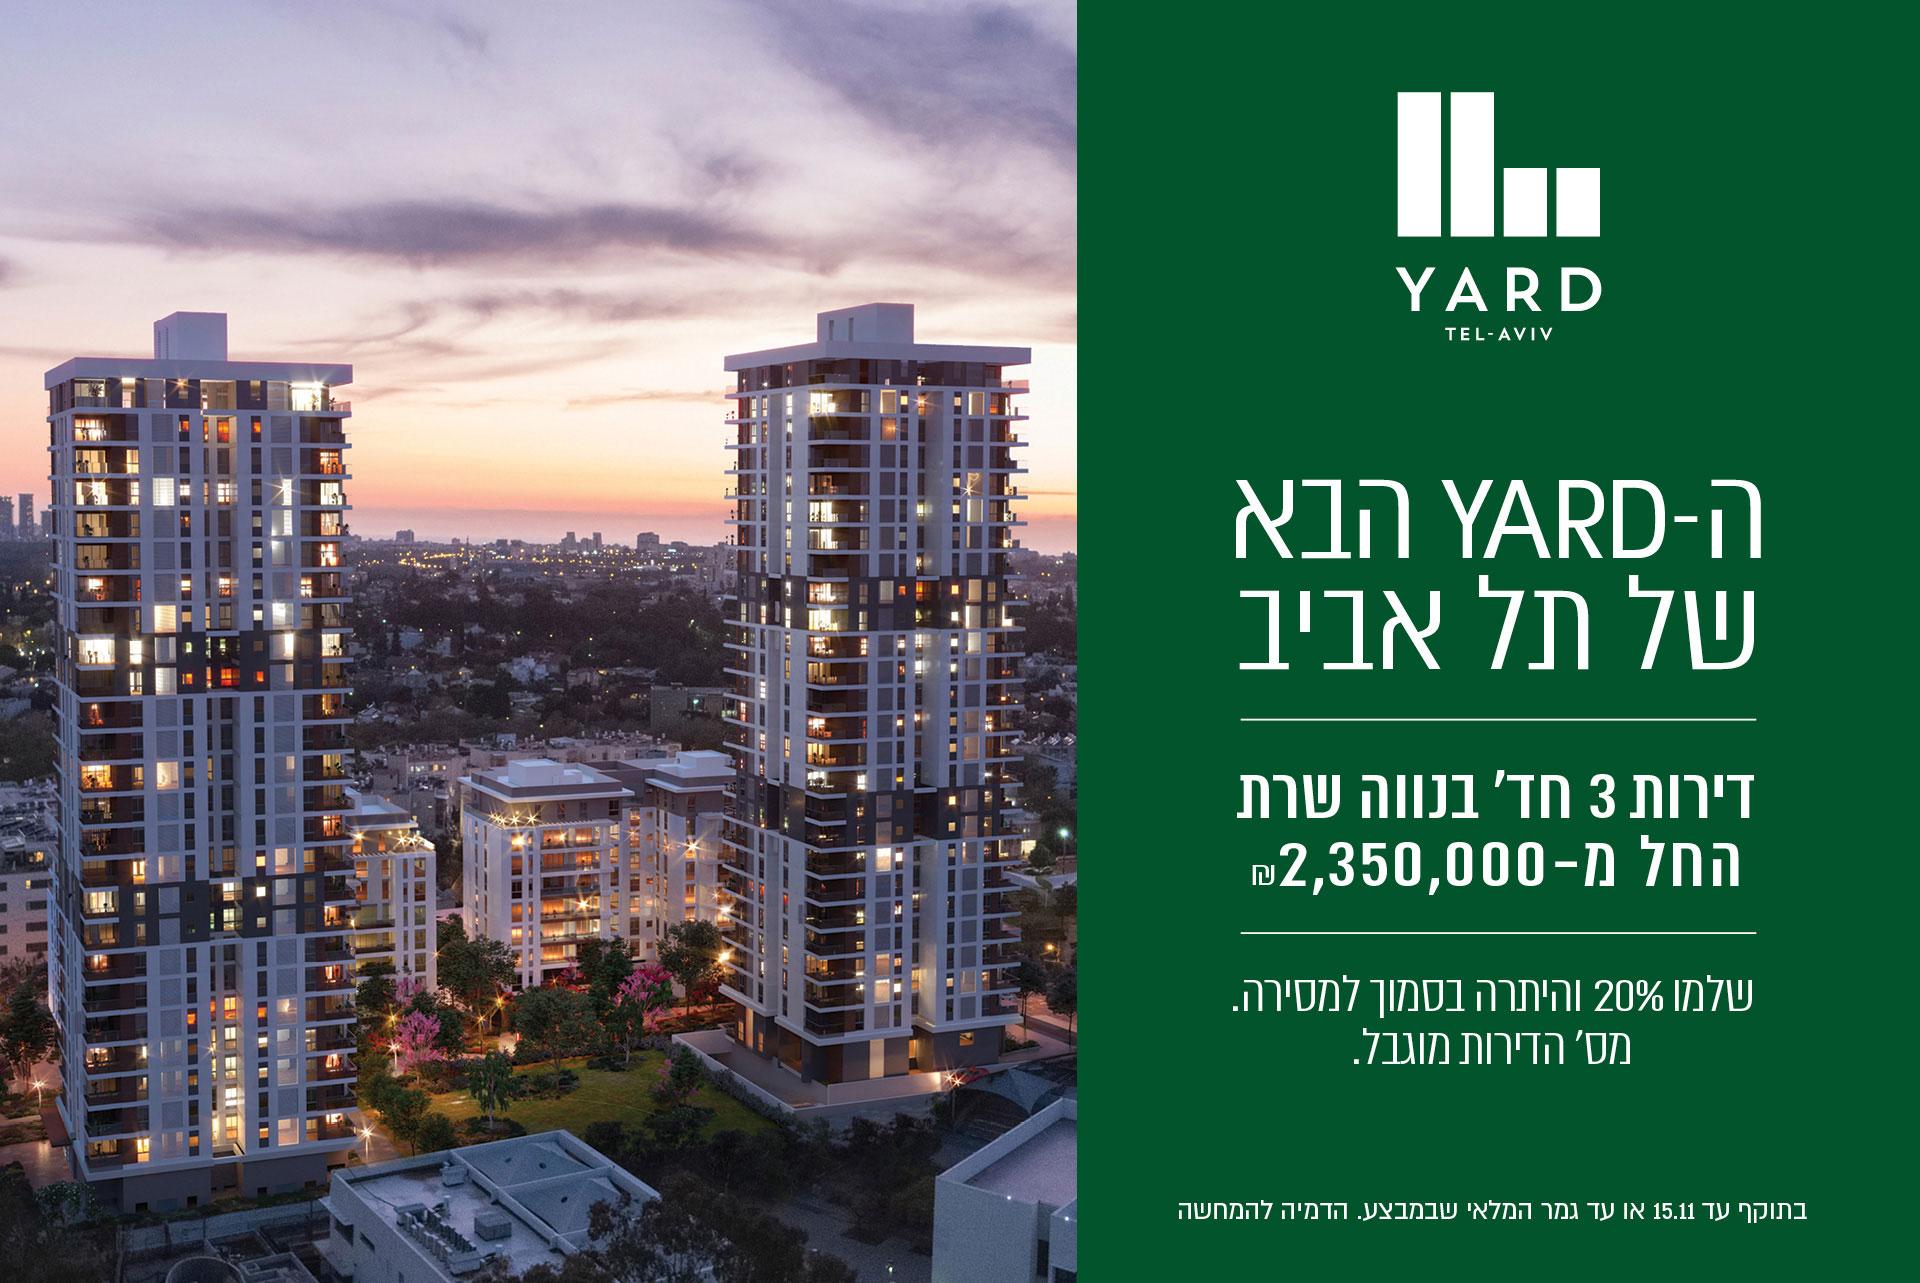 מתחם המגורים החדש של תל אביב